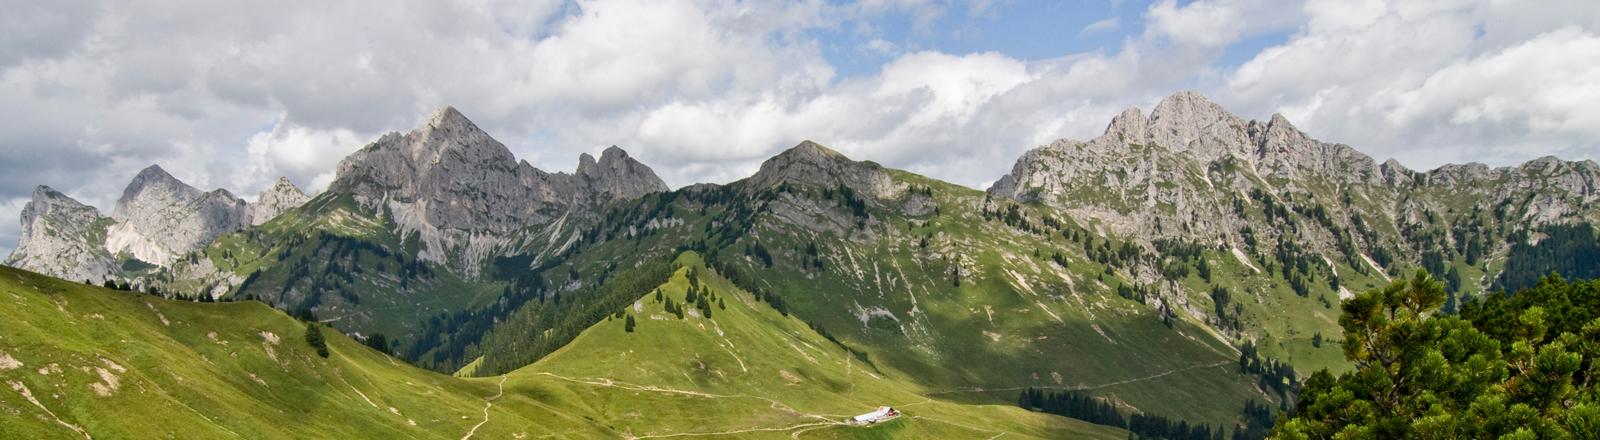 Bergekette mit grünen Wiesen und Tälern.